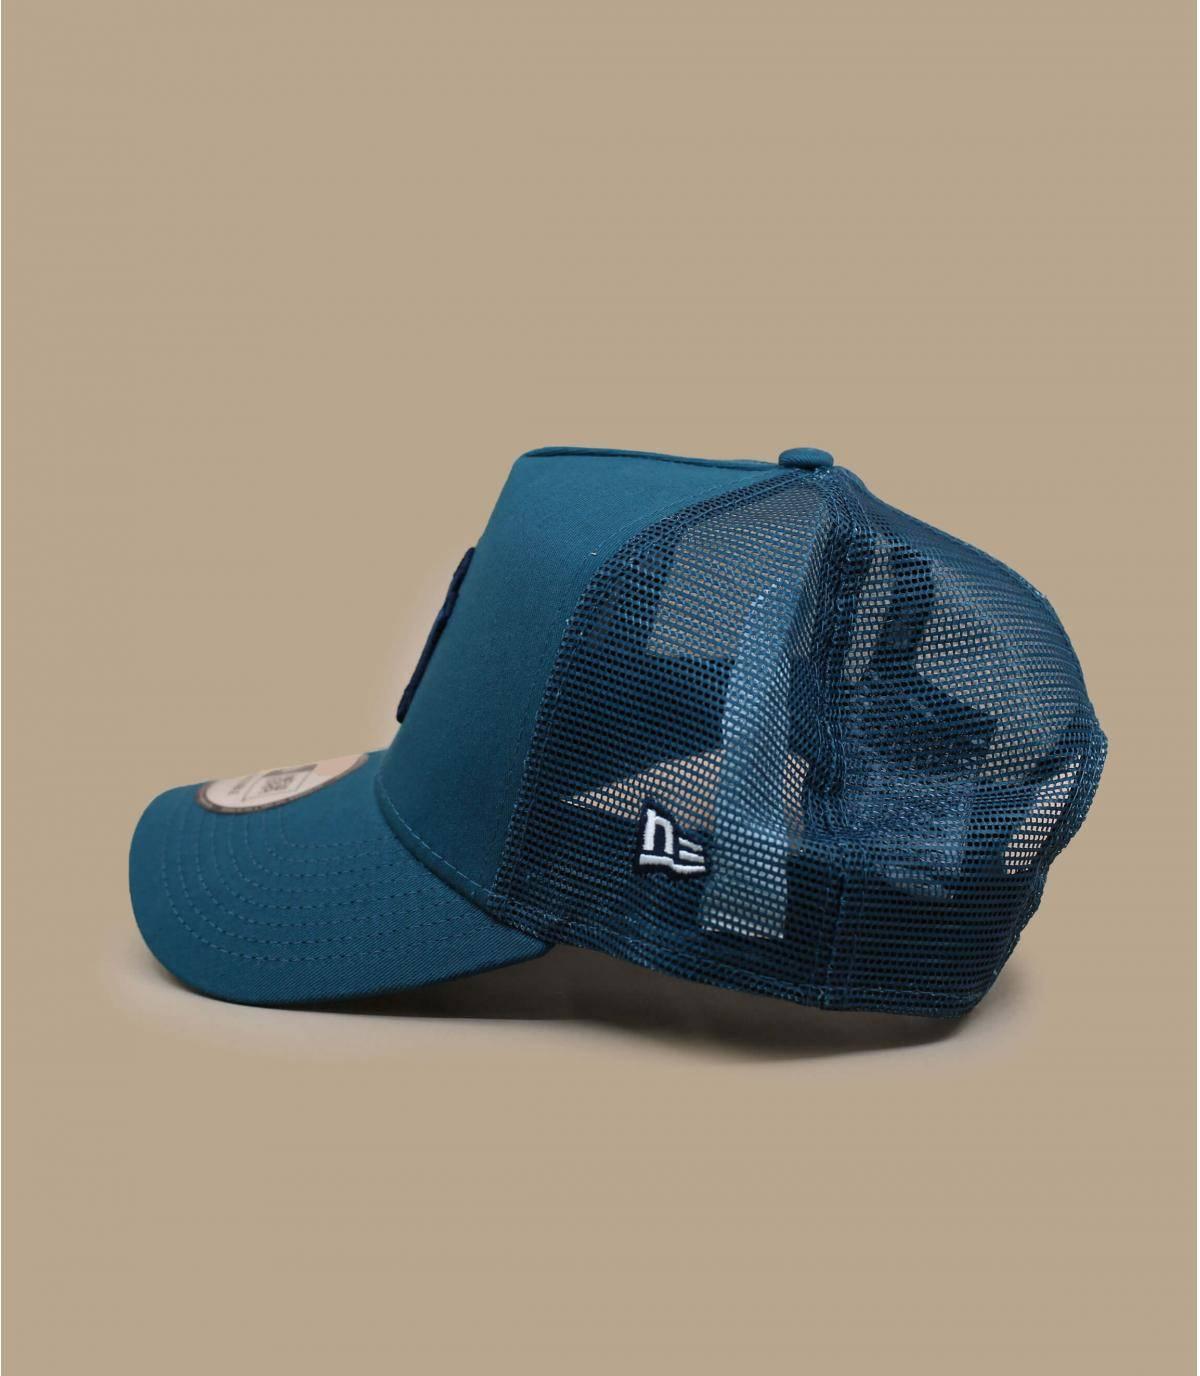 Détails Trucker League Ess NY cadet blue - image 3